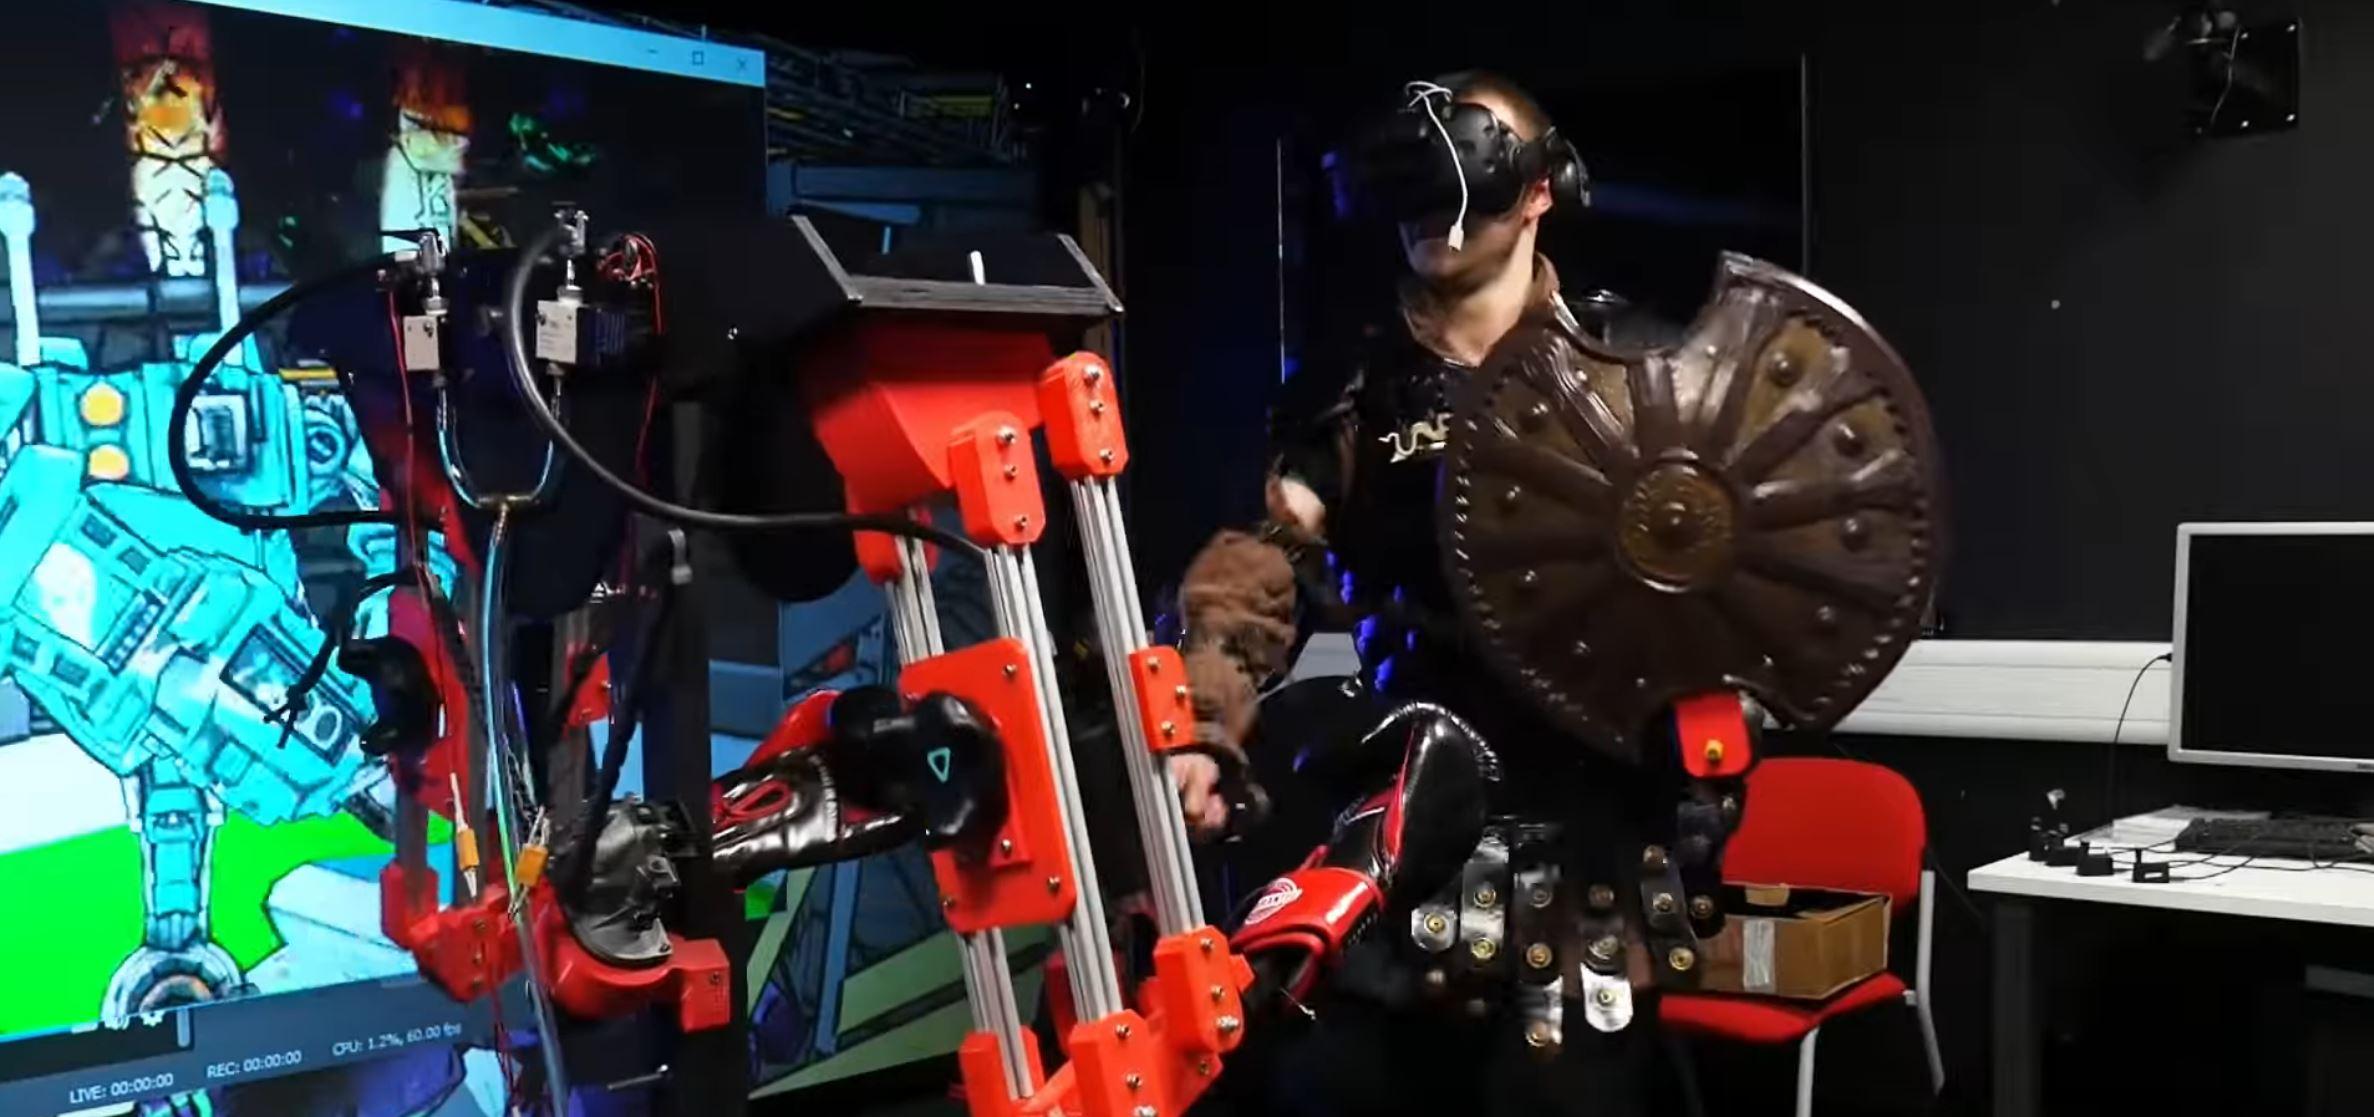 Ce robot vous frappe dans la vraie vie si vous prenez un coup en réalité virtuelle - Tech - Numerama